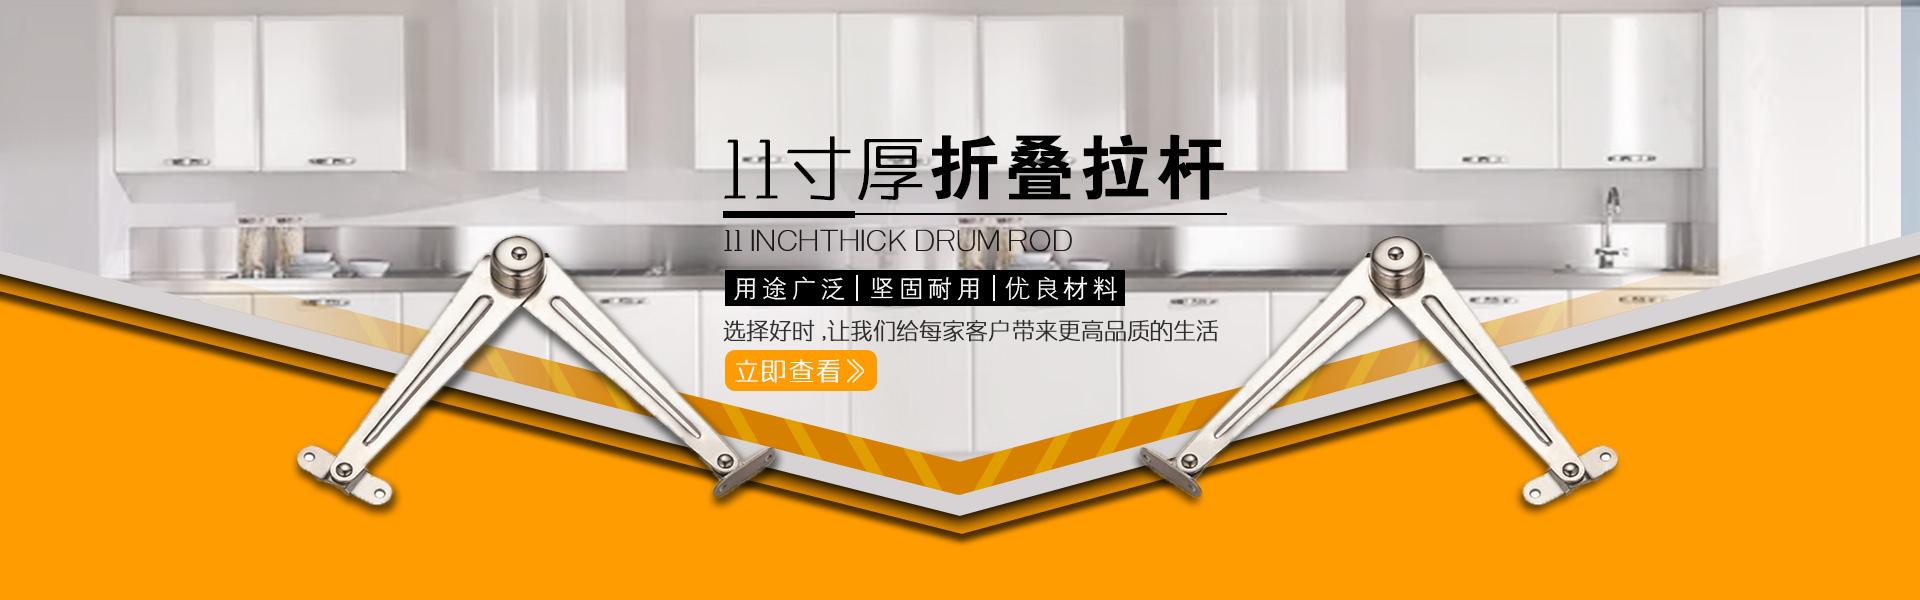 高要市金利镇好时五金厂专业生产床用气动杆、床角码相关产品和服务。